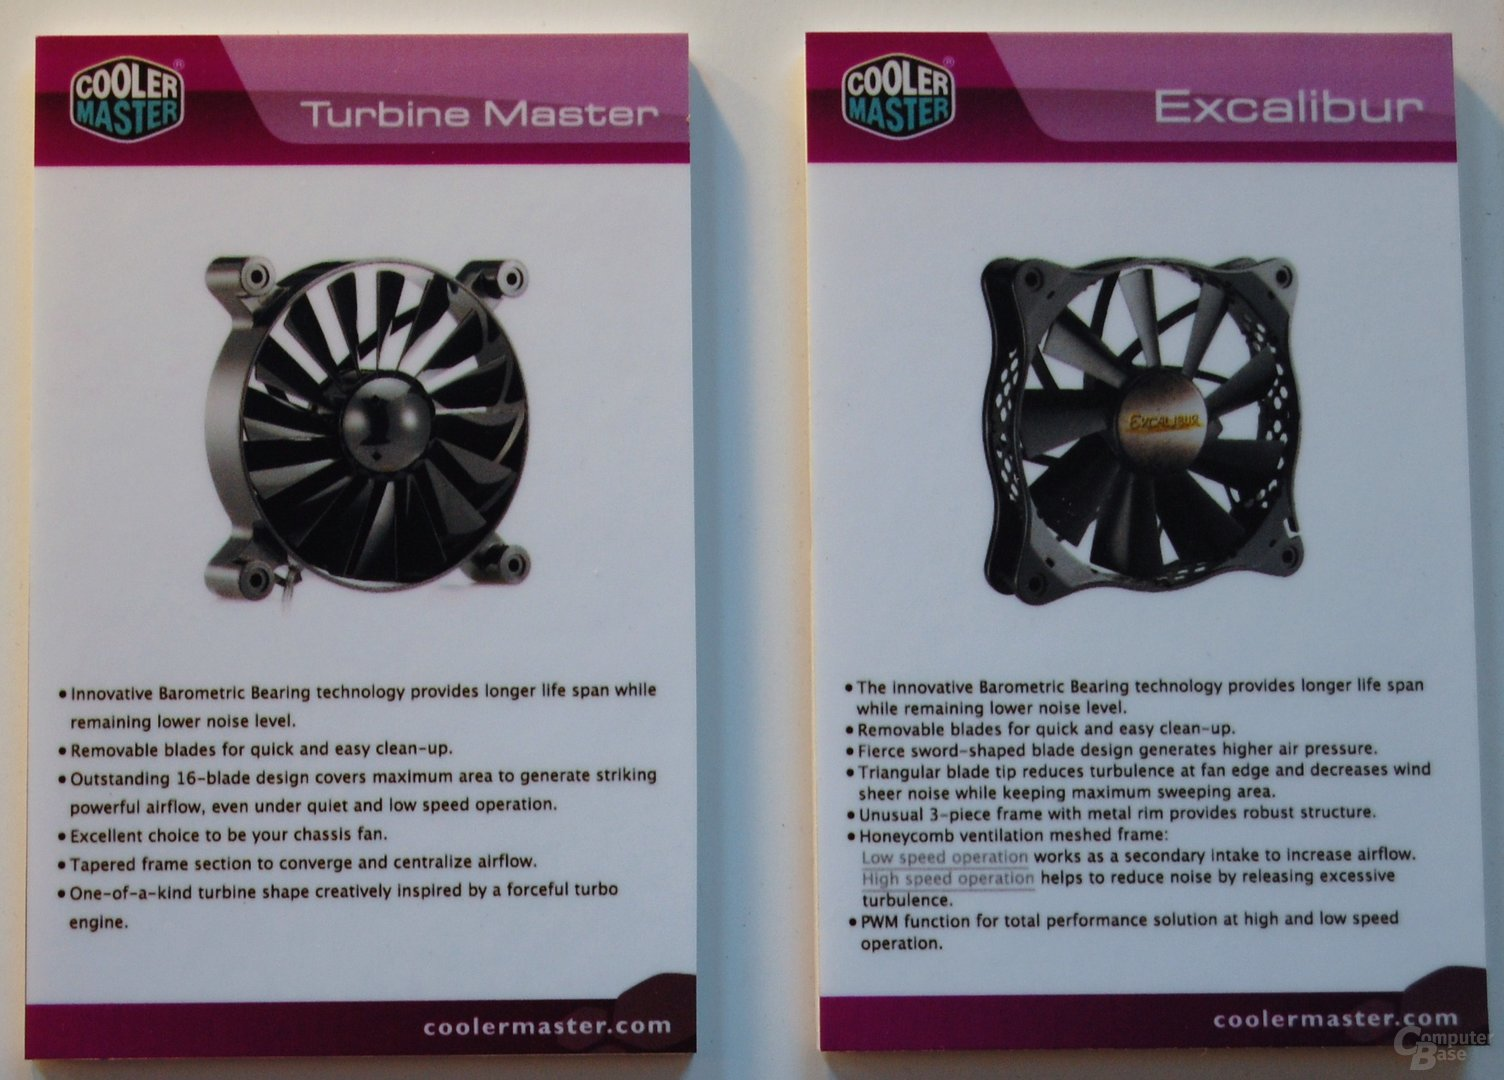 Cooler Master Excalibur und Turbine Master